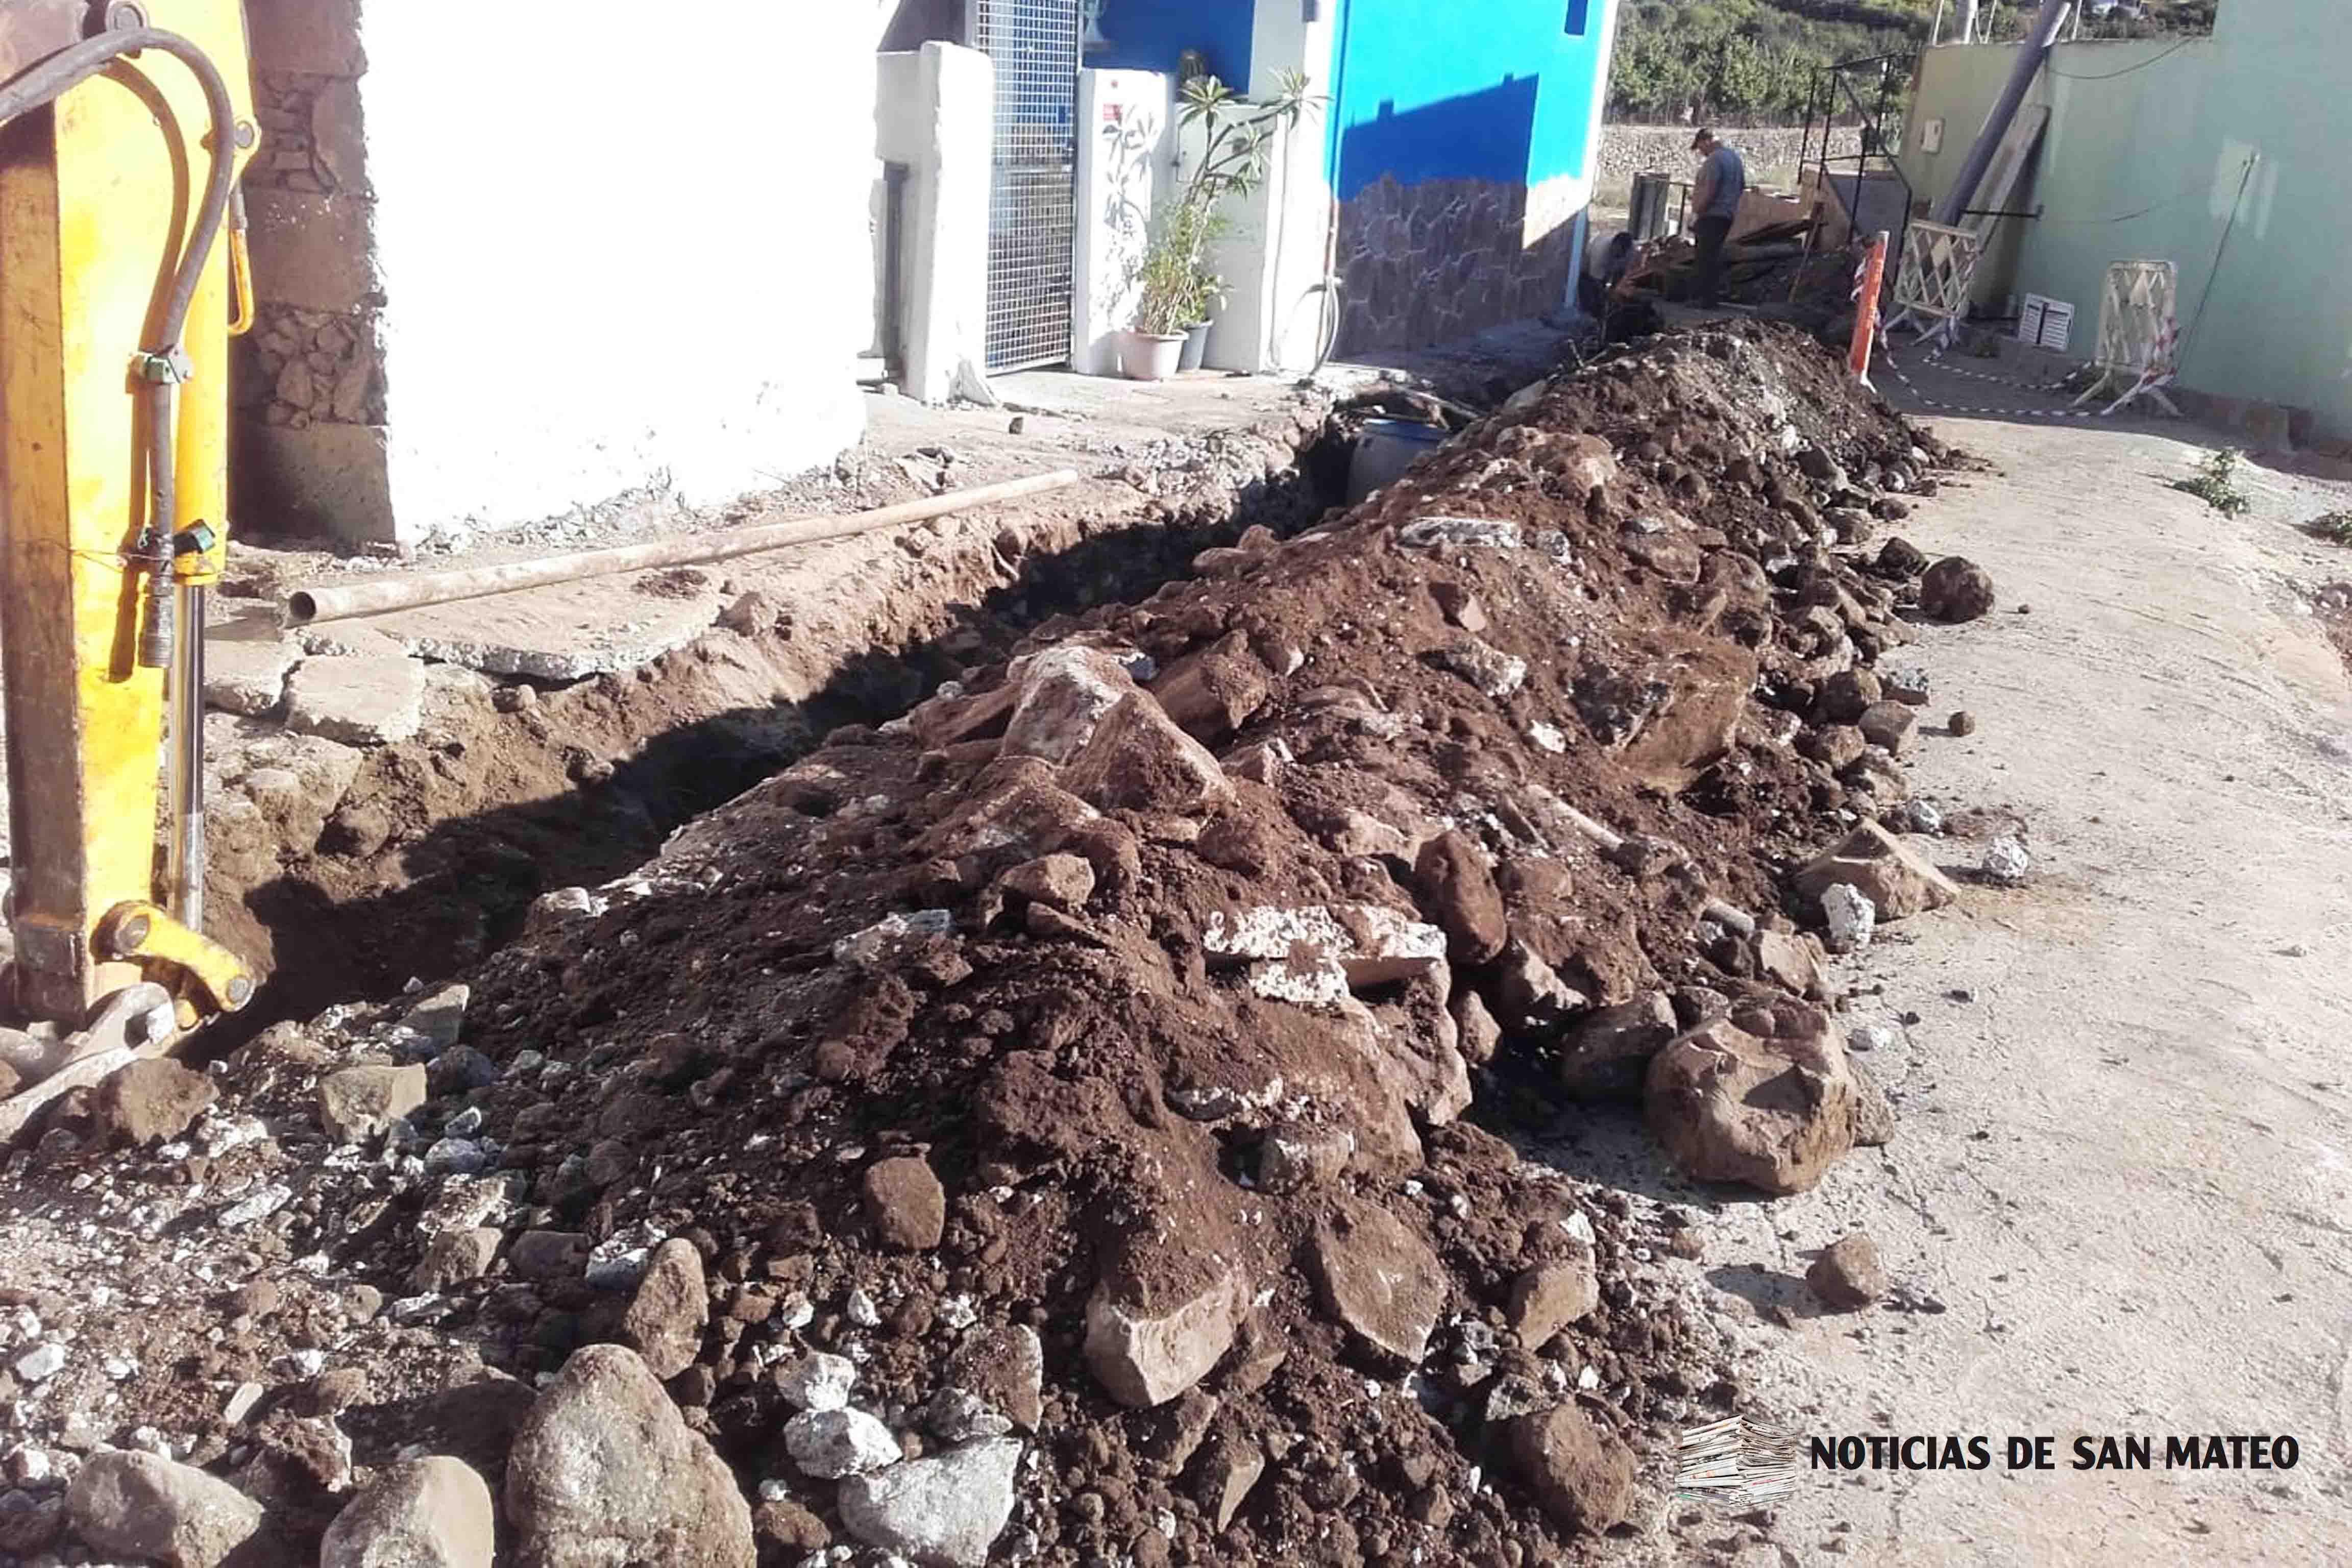 Obras alcantarillado en Las Haciendas San Mateo Foto Noticias de San Mateo